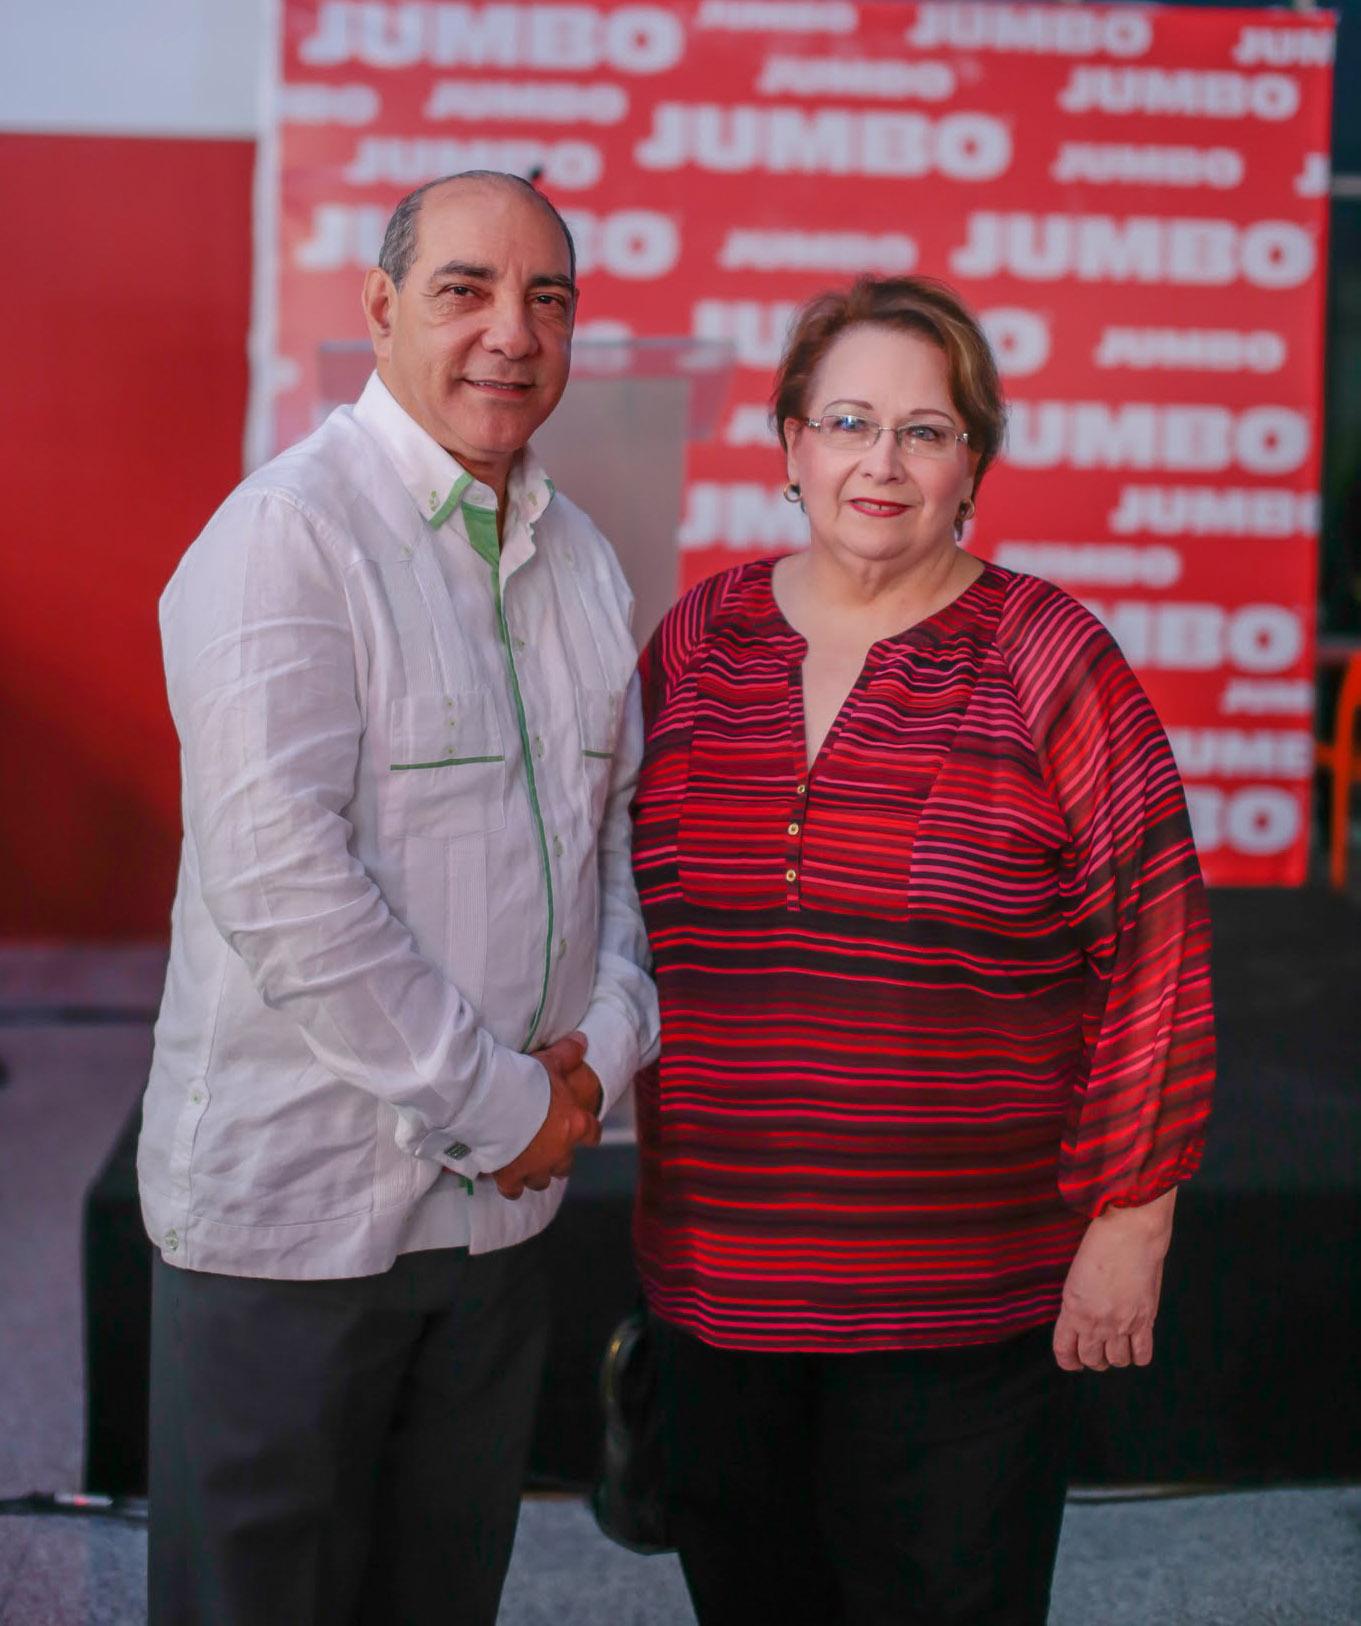 Foto 5 - Diloné Ovalles y Vicky Malla